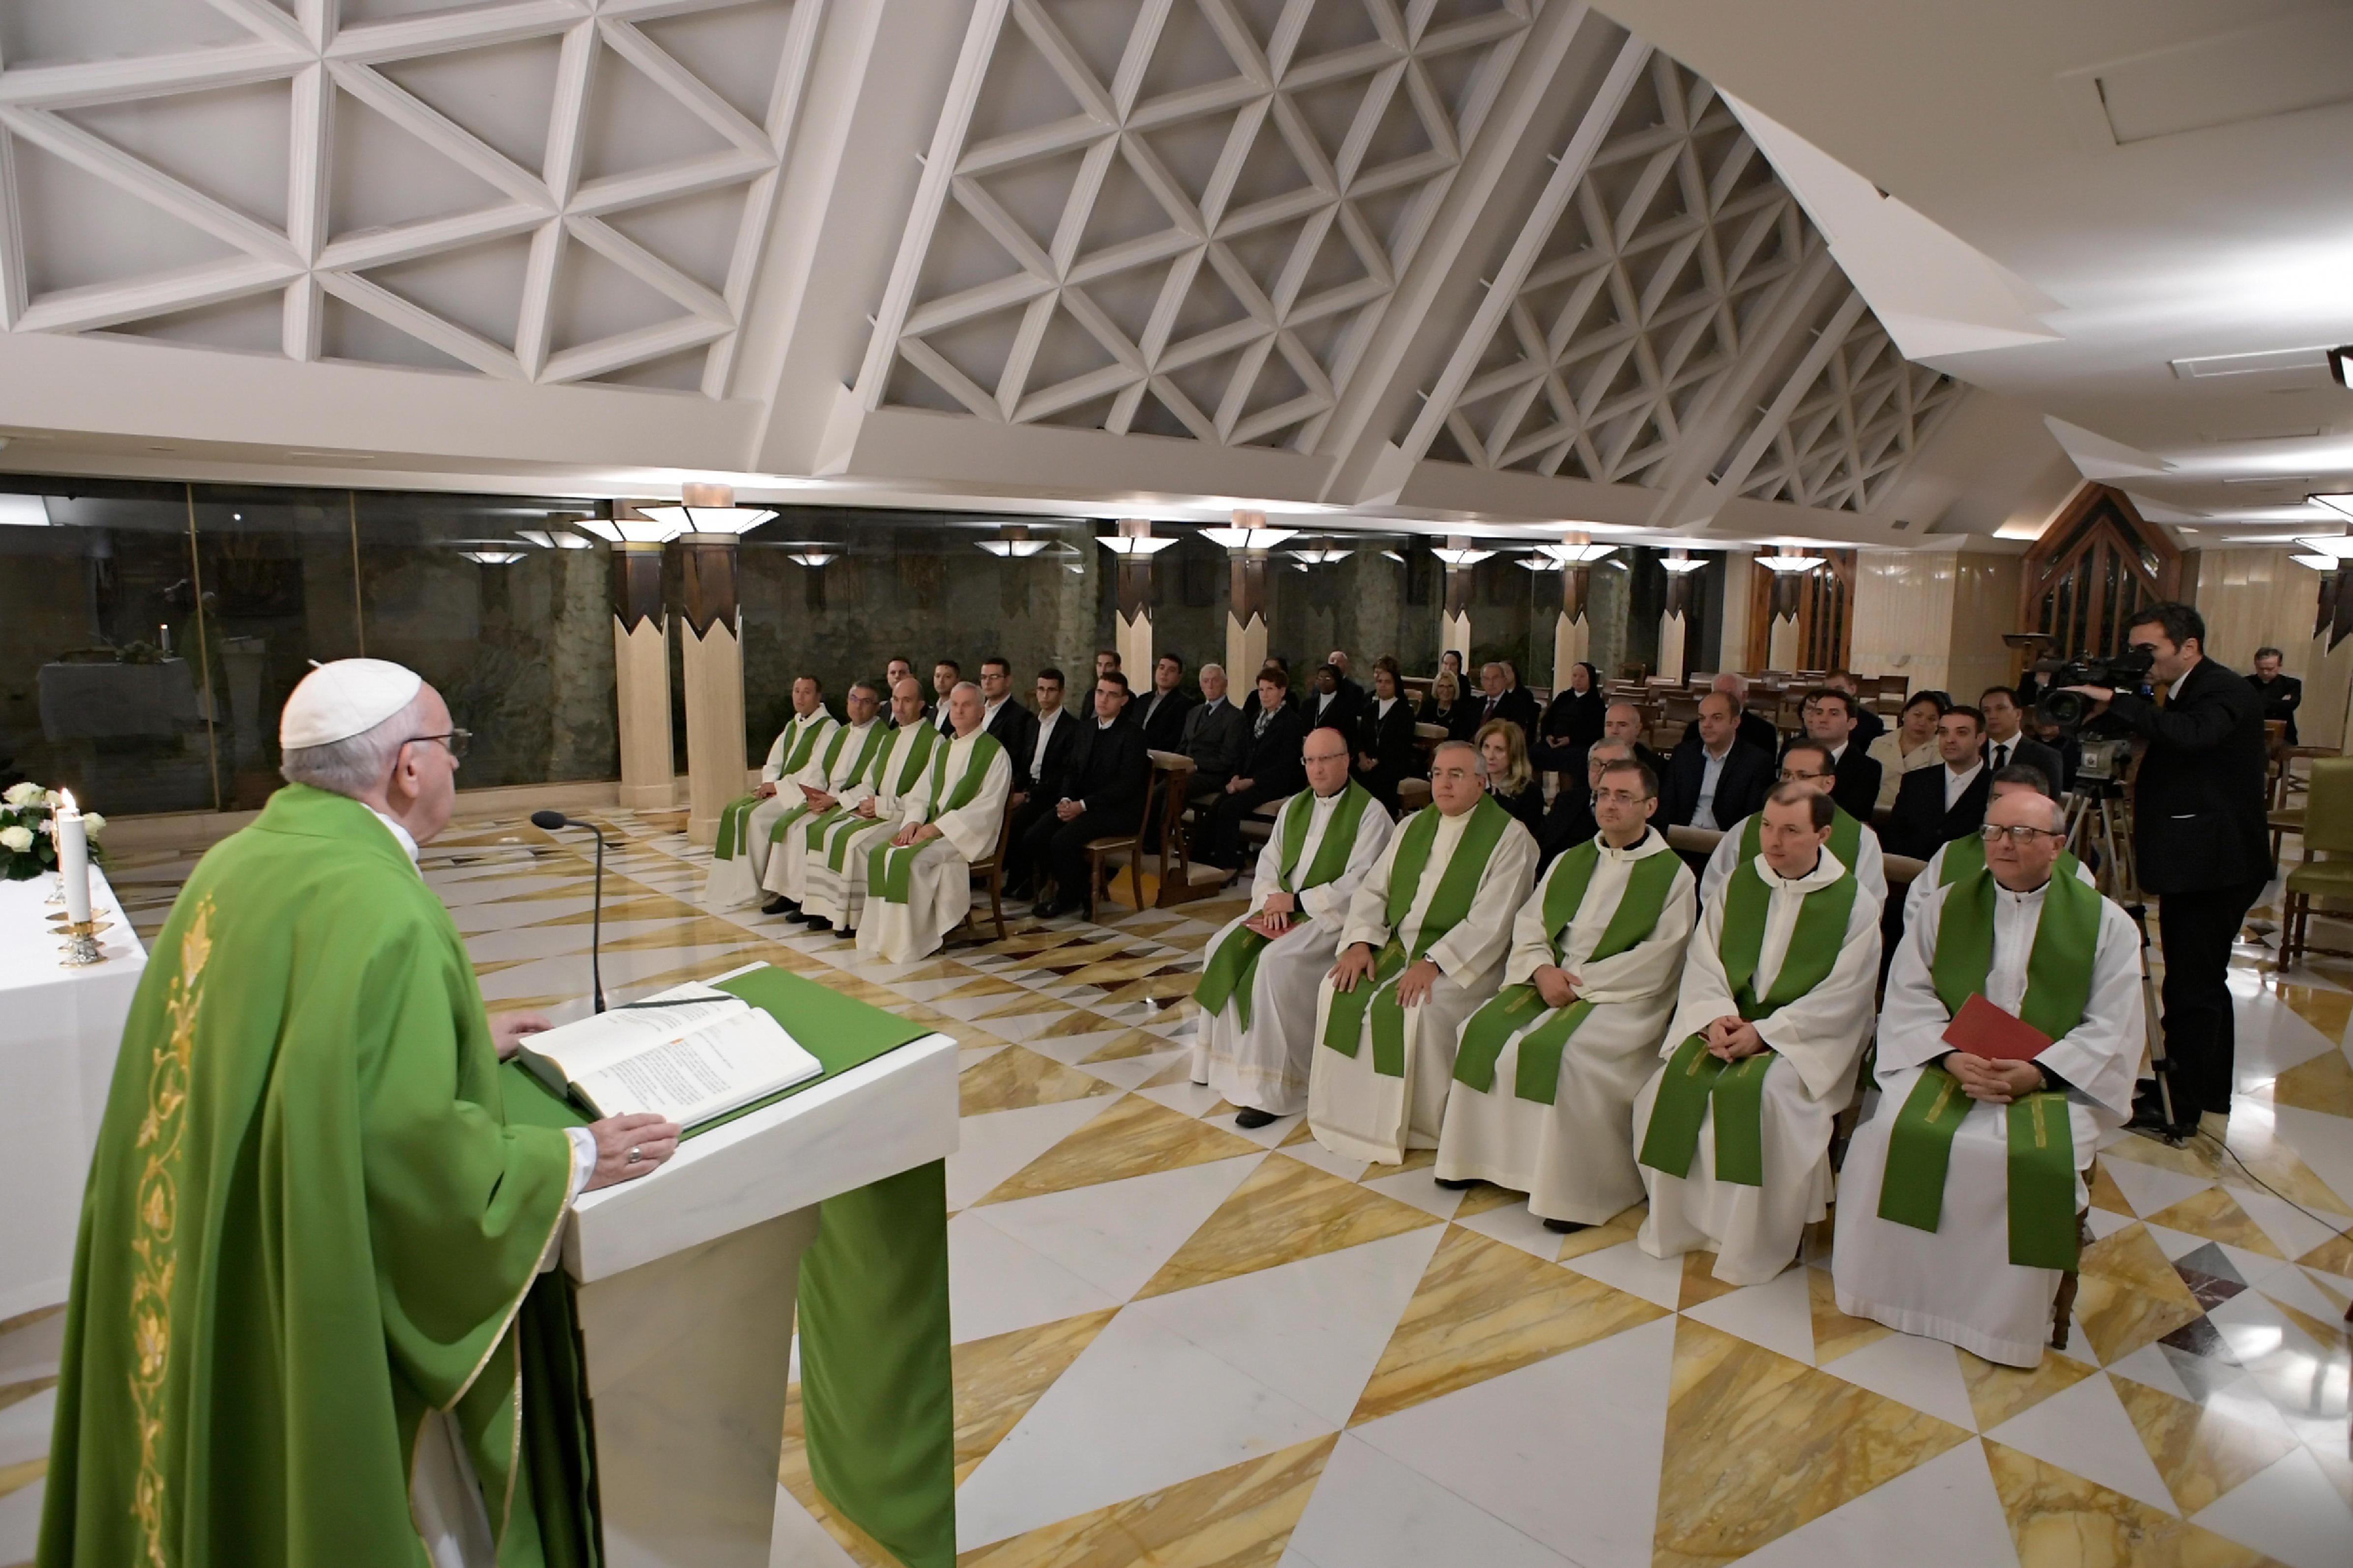 Misa Del 26 De Octubre De 2018 En Santa Marta © Vatican Media